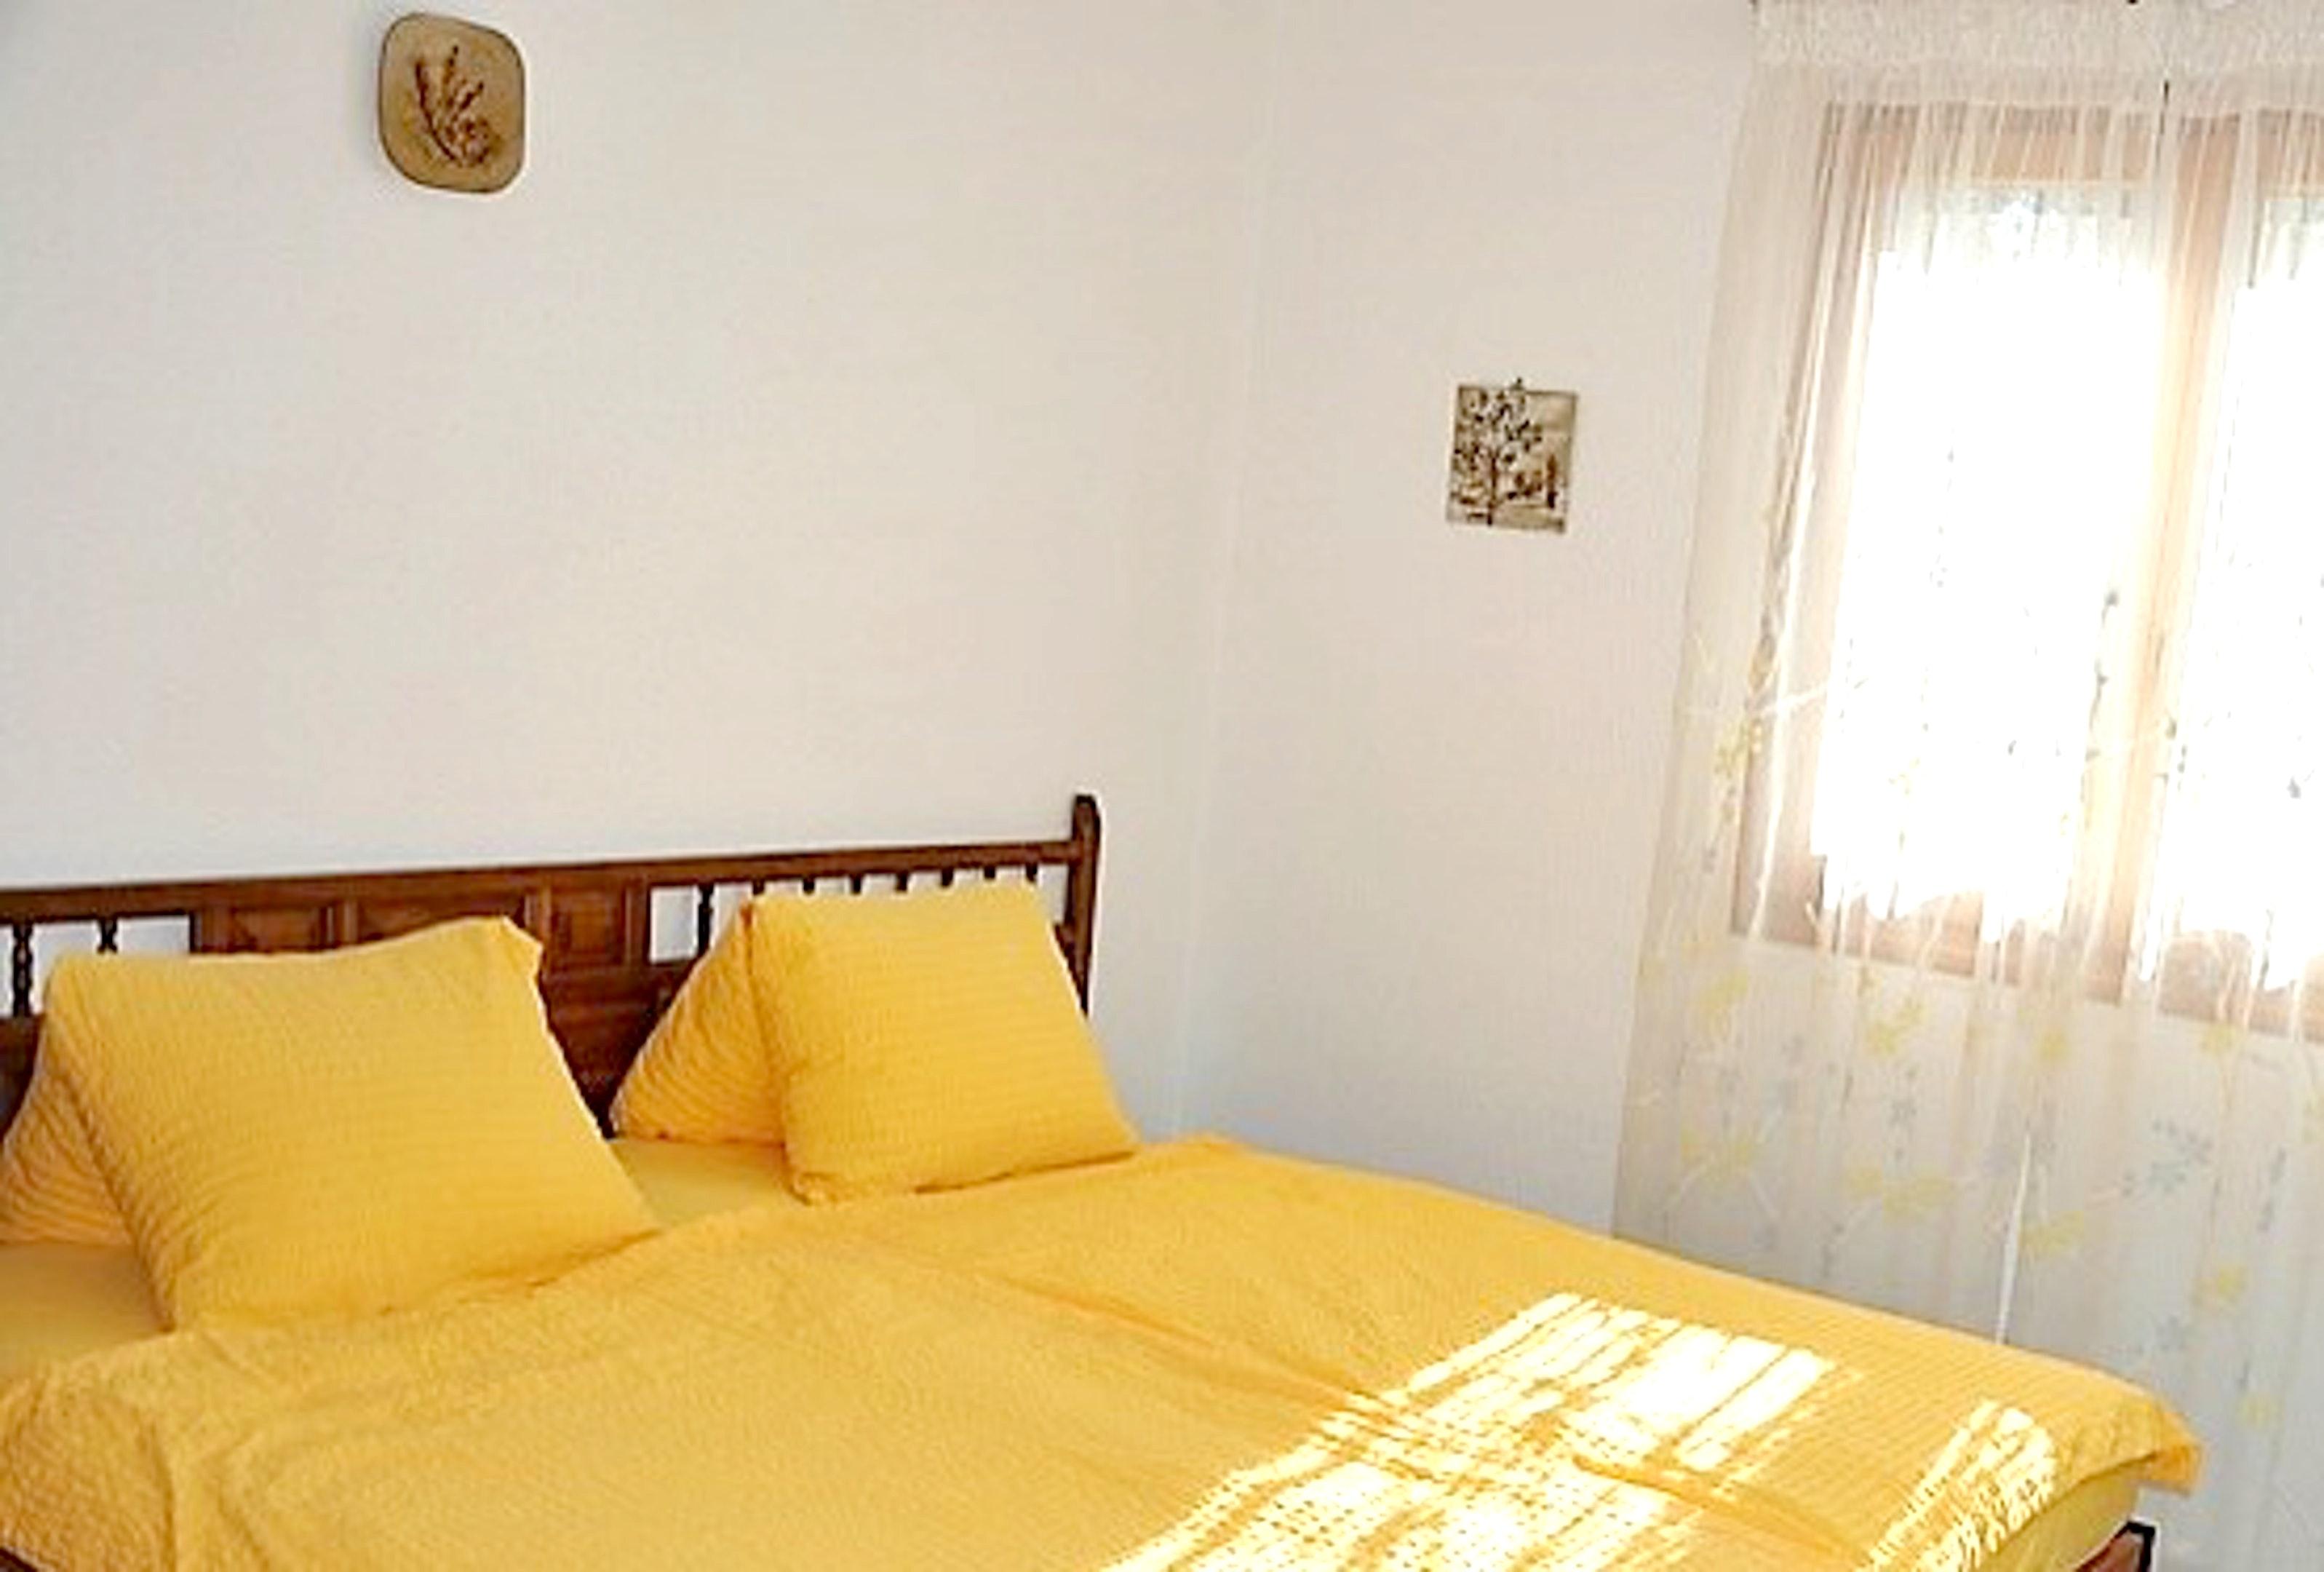 Ferienhaus Villa mit 3 Schlafzimmern in Ampolla mit herrlichem Meerblick, privatem Pool, möbliertem G (2201036), L'Ampolla, Costa Dorada, Katalonien, Spanien, Bild 14